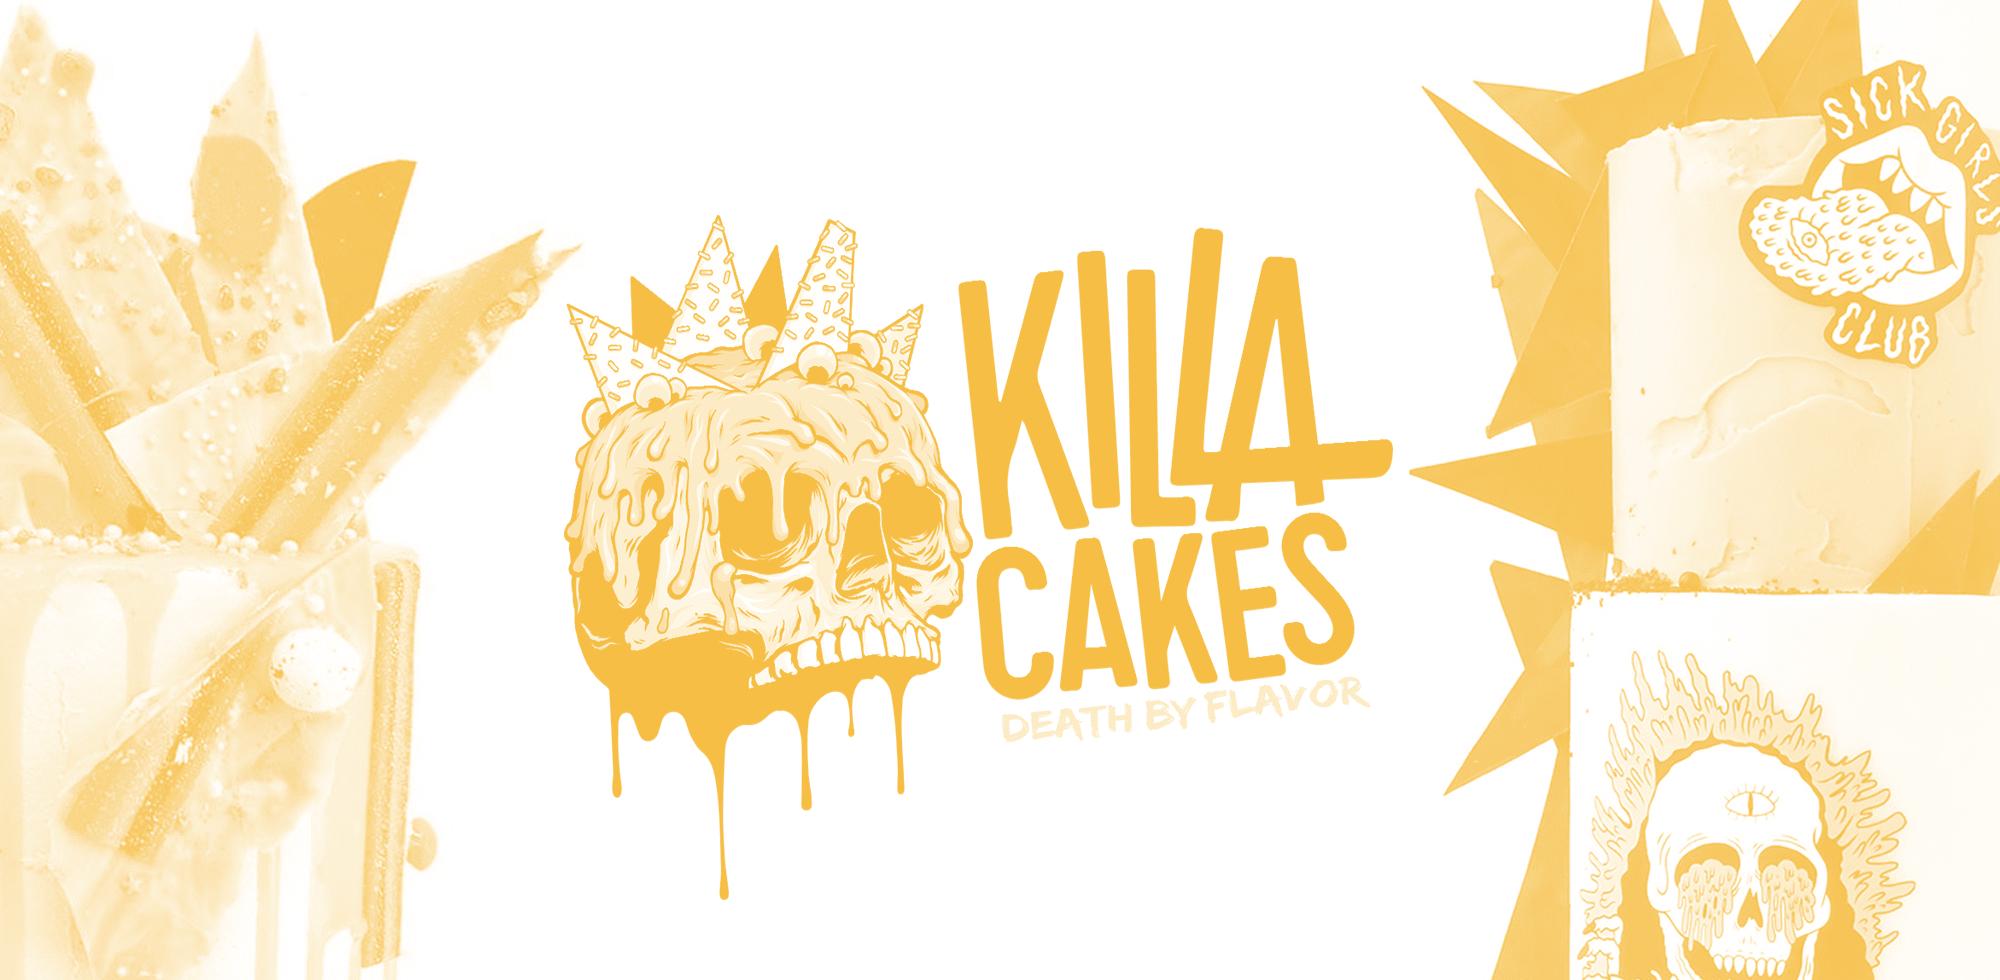 killa cakes